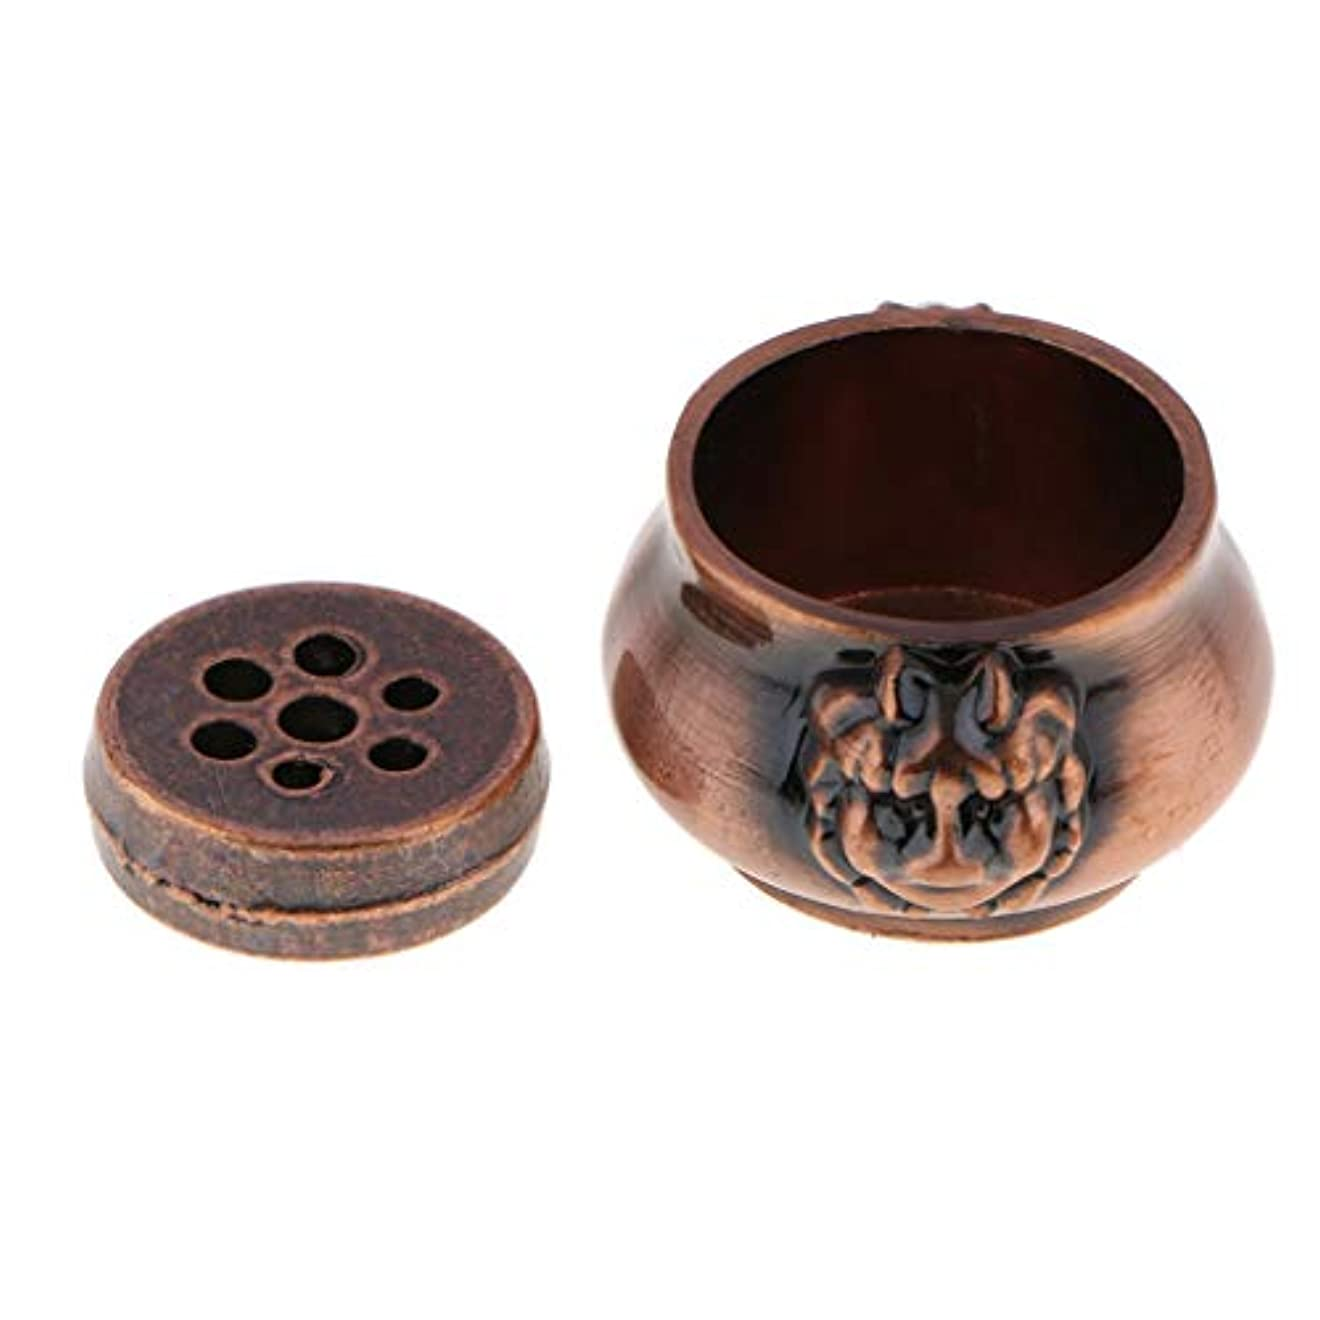 一般化する気まぐれなトロリーjoyMerit 香炉 アンティーク 合金 バーナー お香ベース - 銅, S